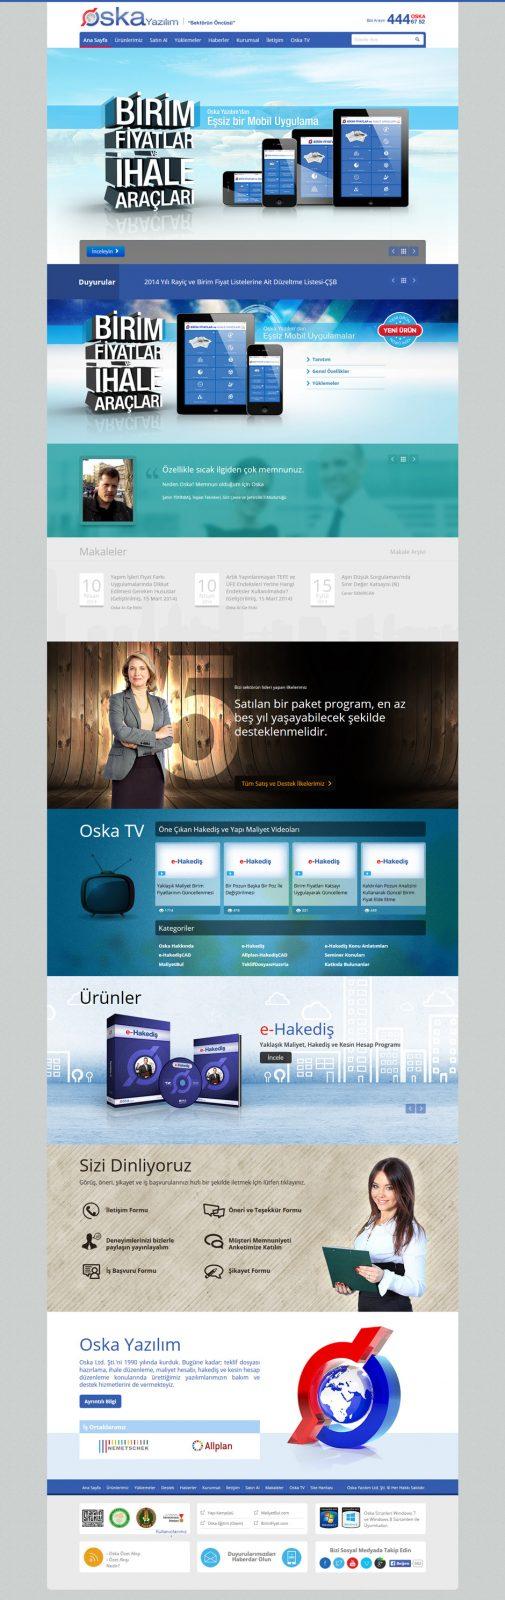 oska yazılım web sitesi tasarımı 04